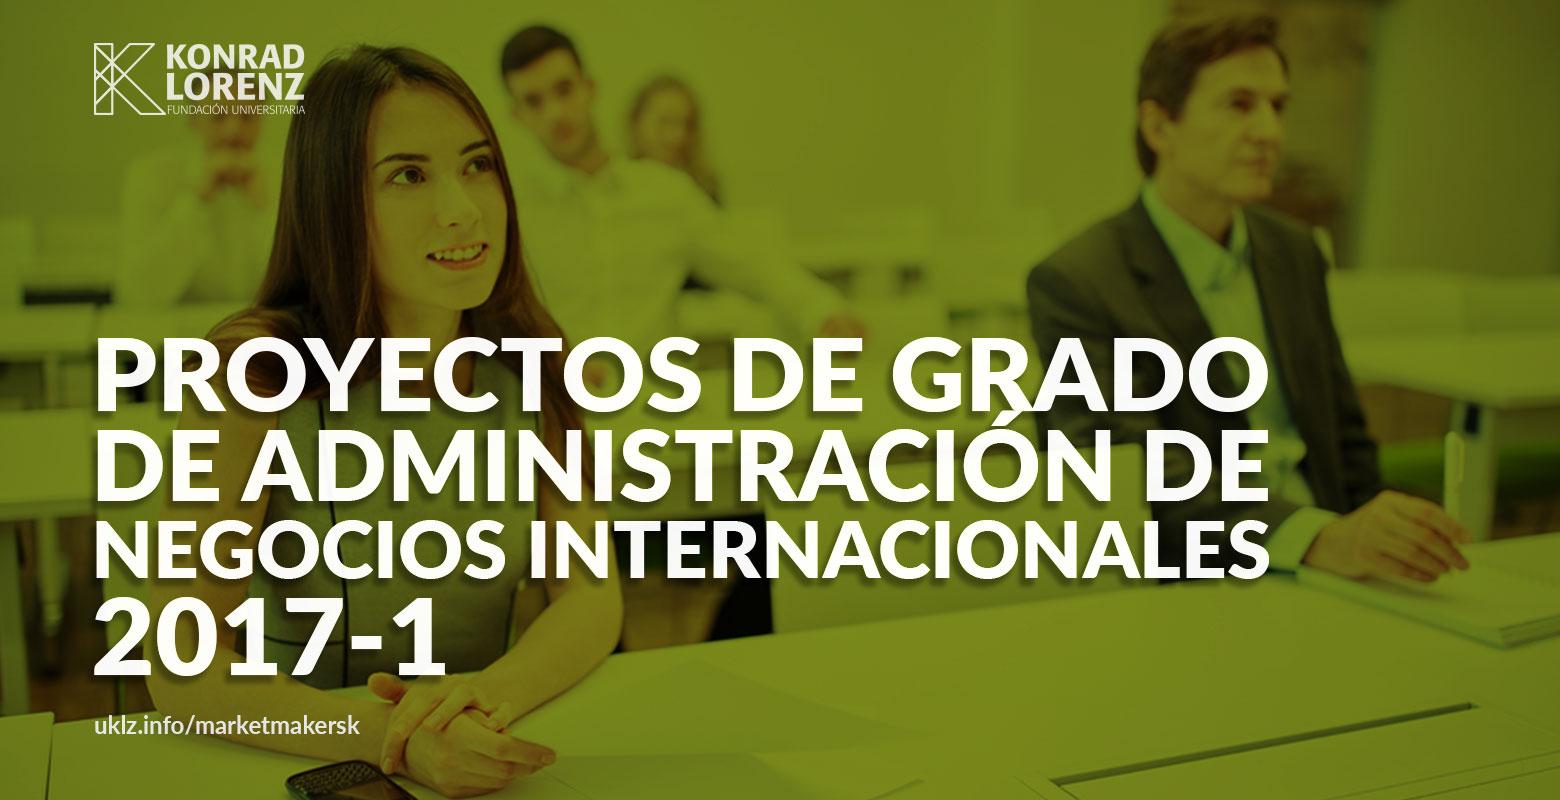 Presentación Pública de los Proyectos de Grado de Administración de Negocios Internacionales 2017-1